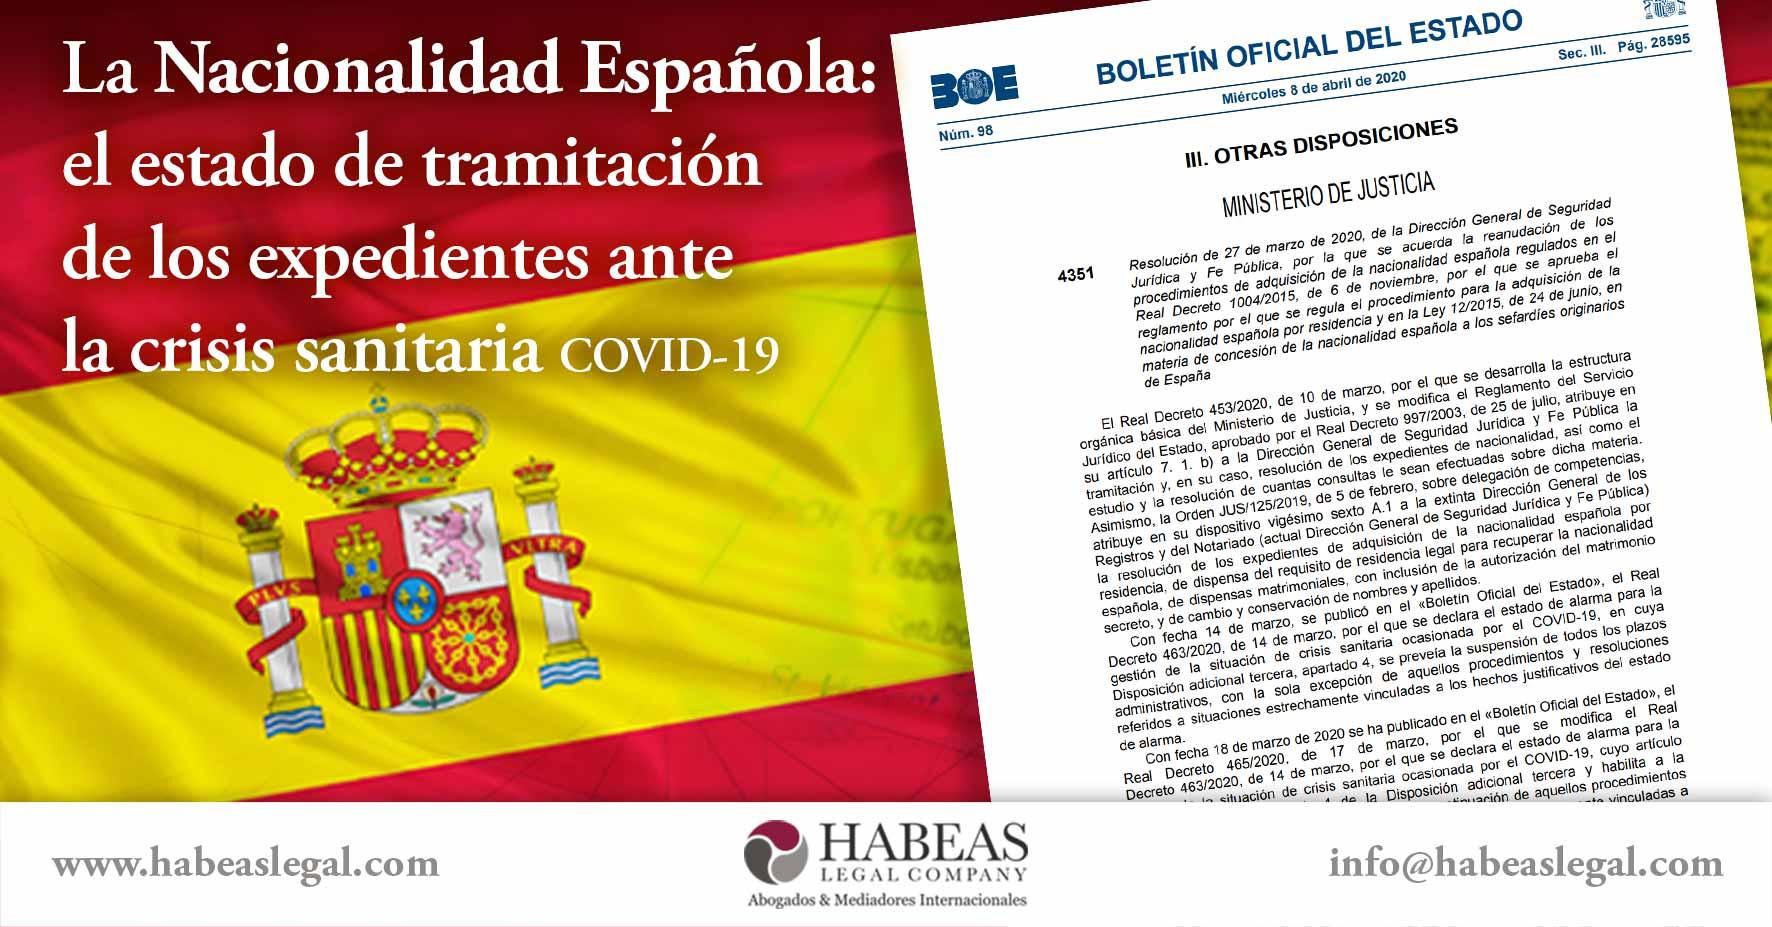 La Nacionalidad Espanola Y El Estado De Tramitacion De Expedientes Ante La Crisis Sanitaria Covid 19 Habeas Legal